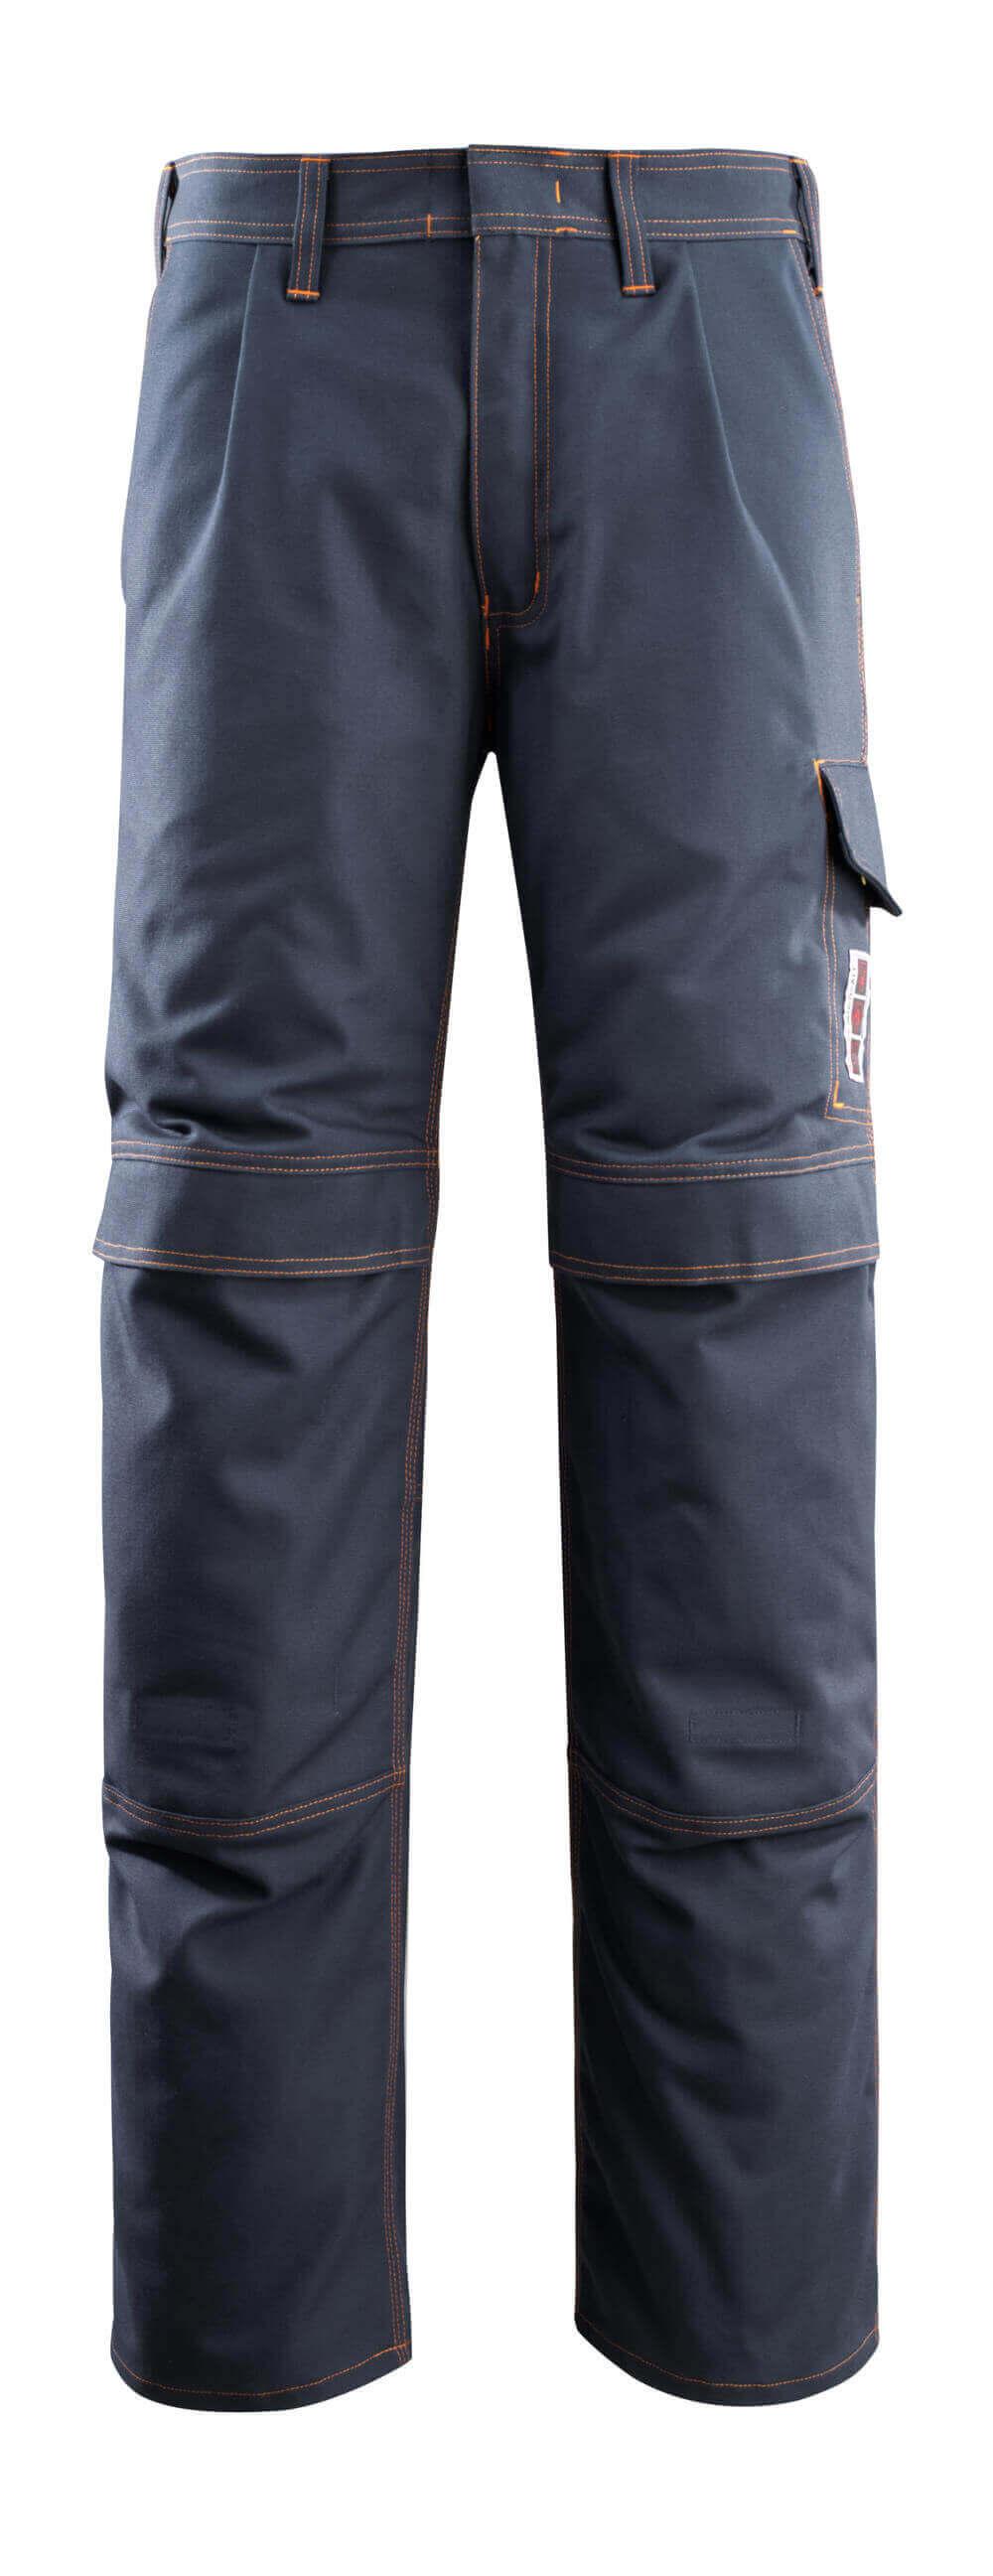 06679-135-010 Bukser med knelommer - mørk marine